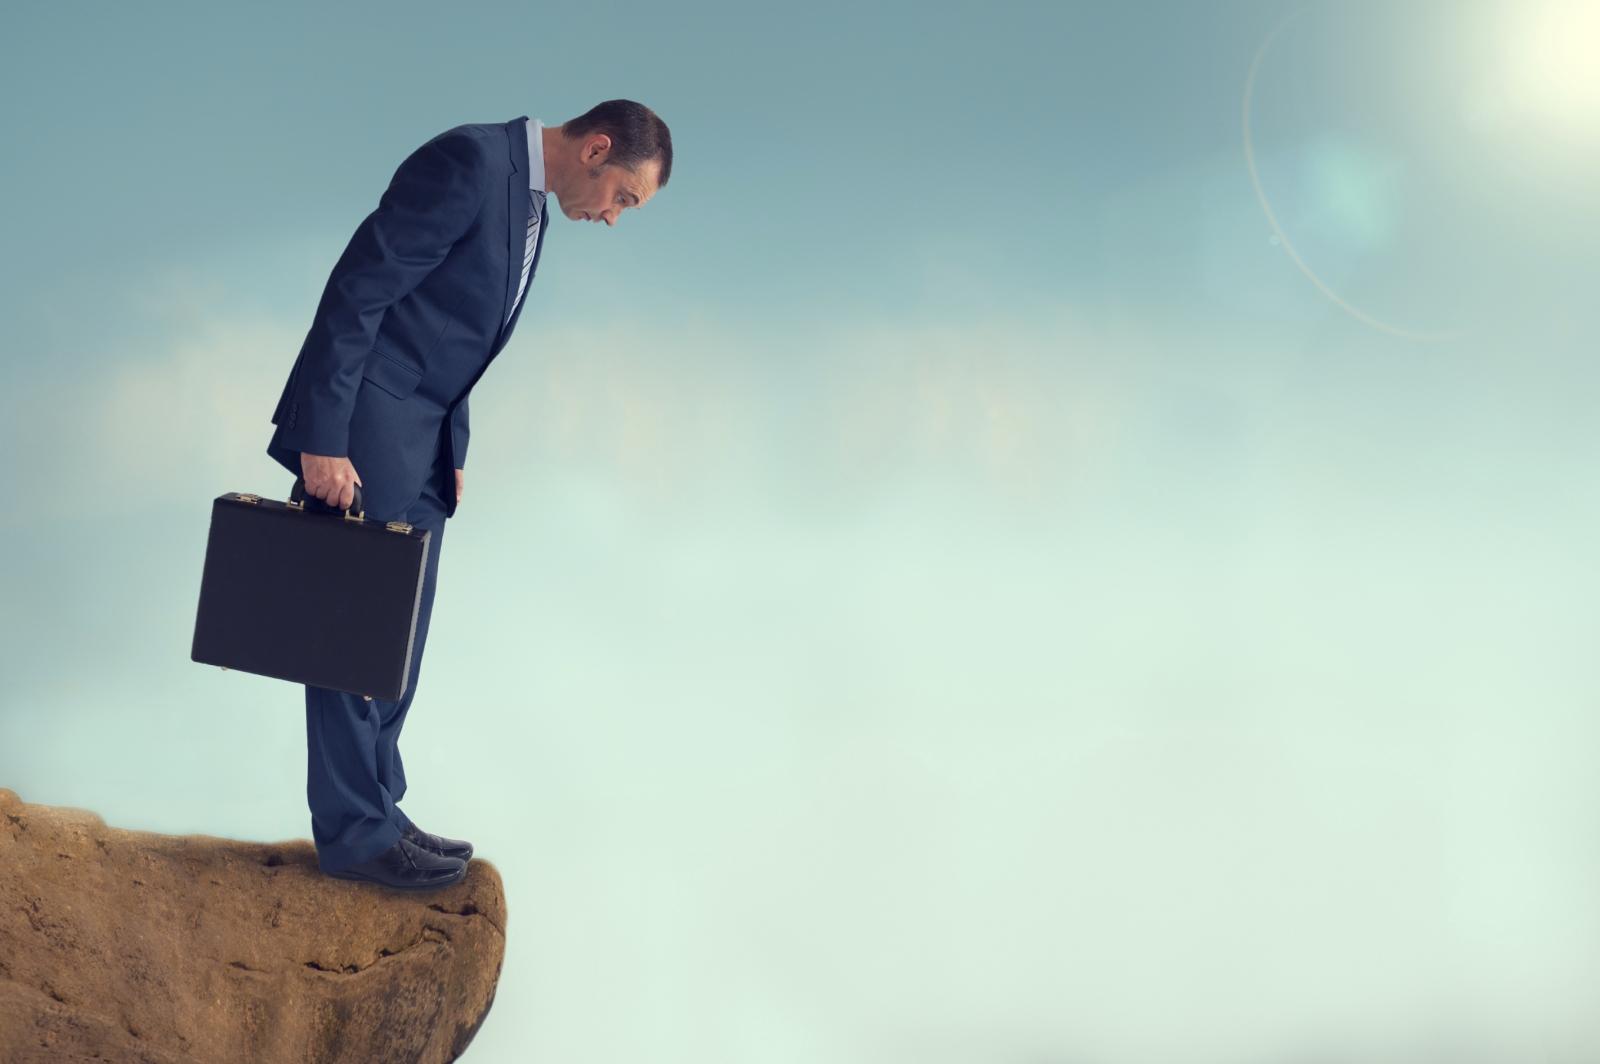 Abyss Businessman Precipice Edge